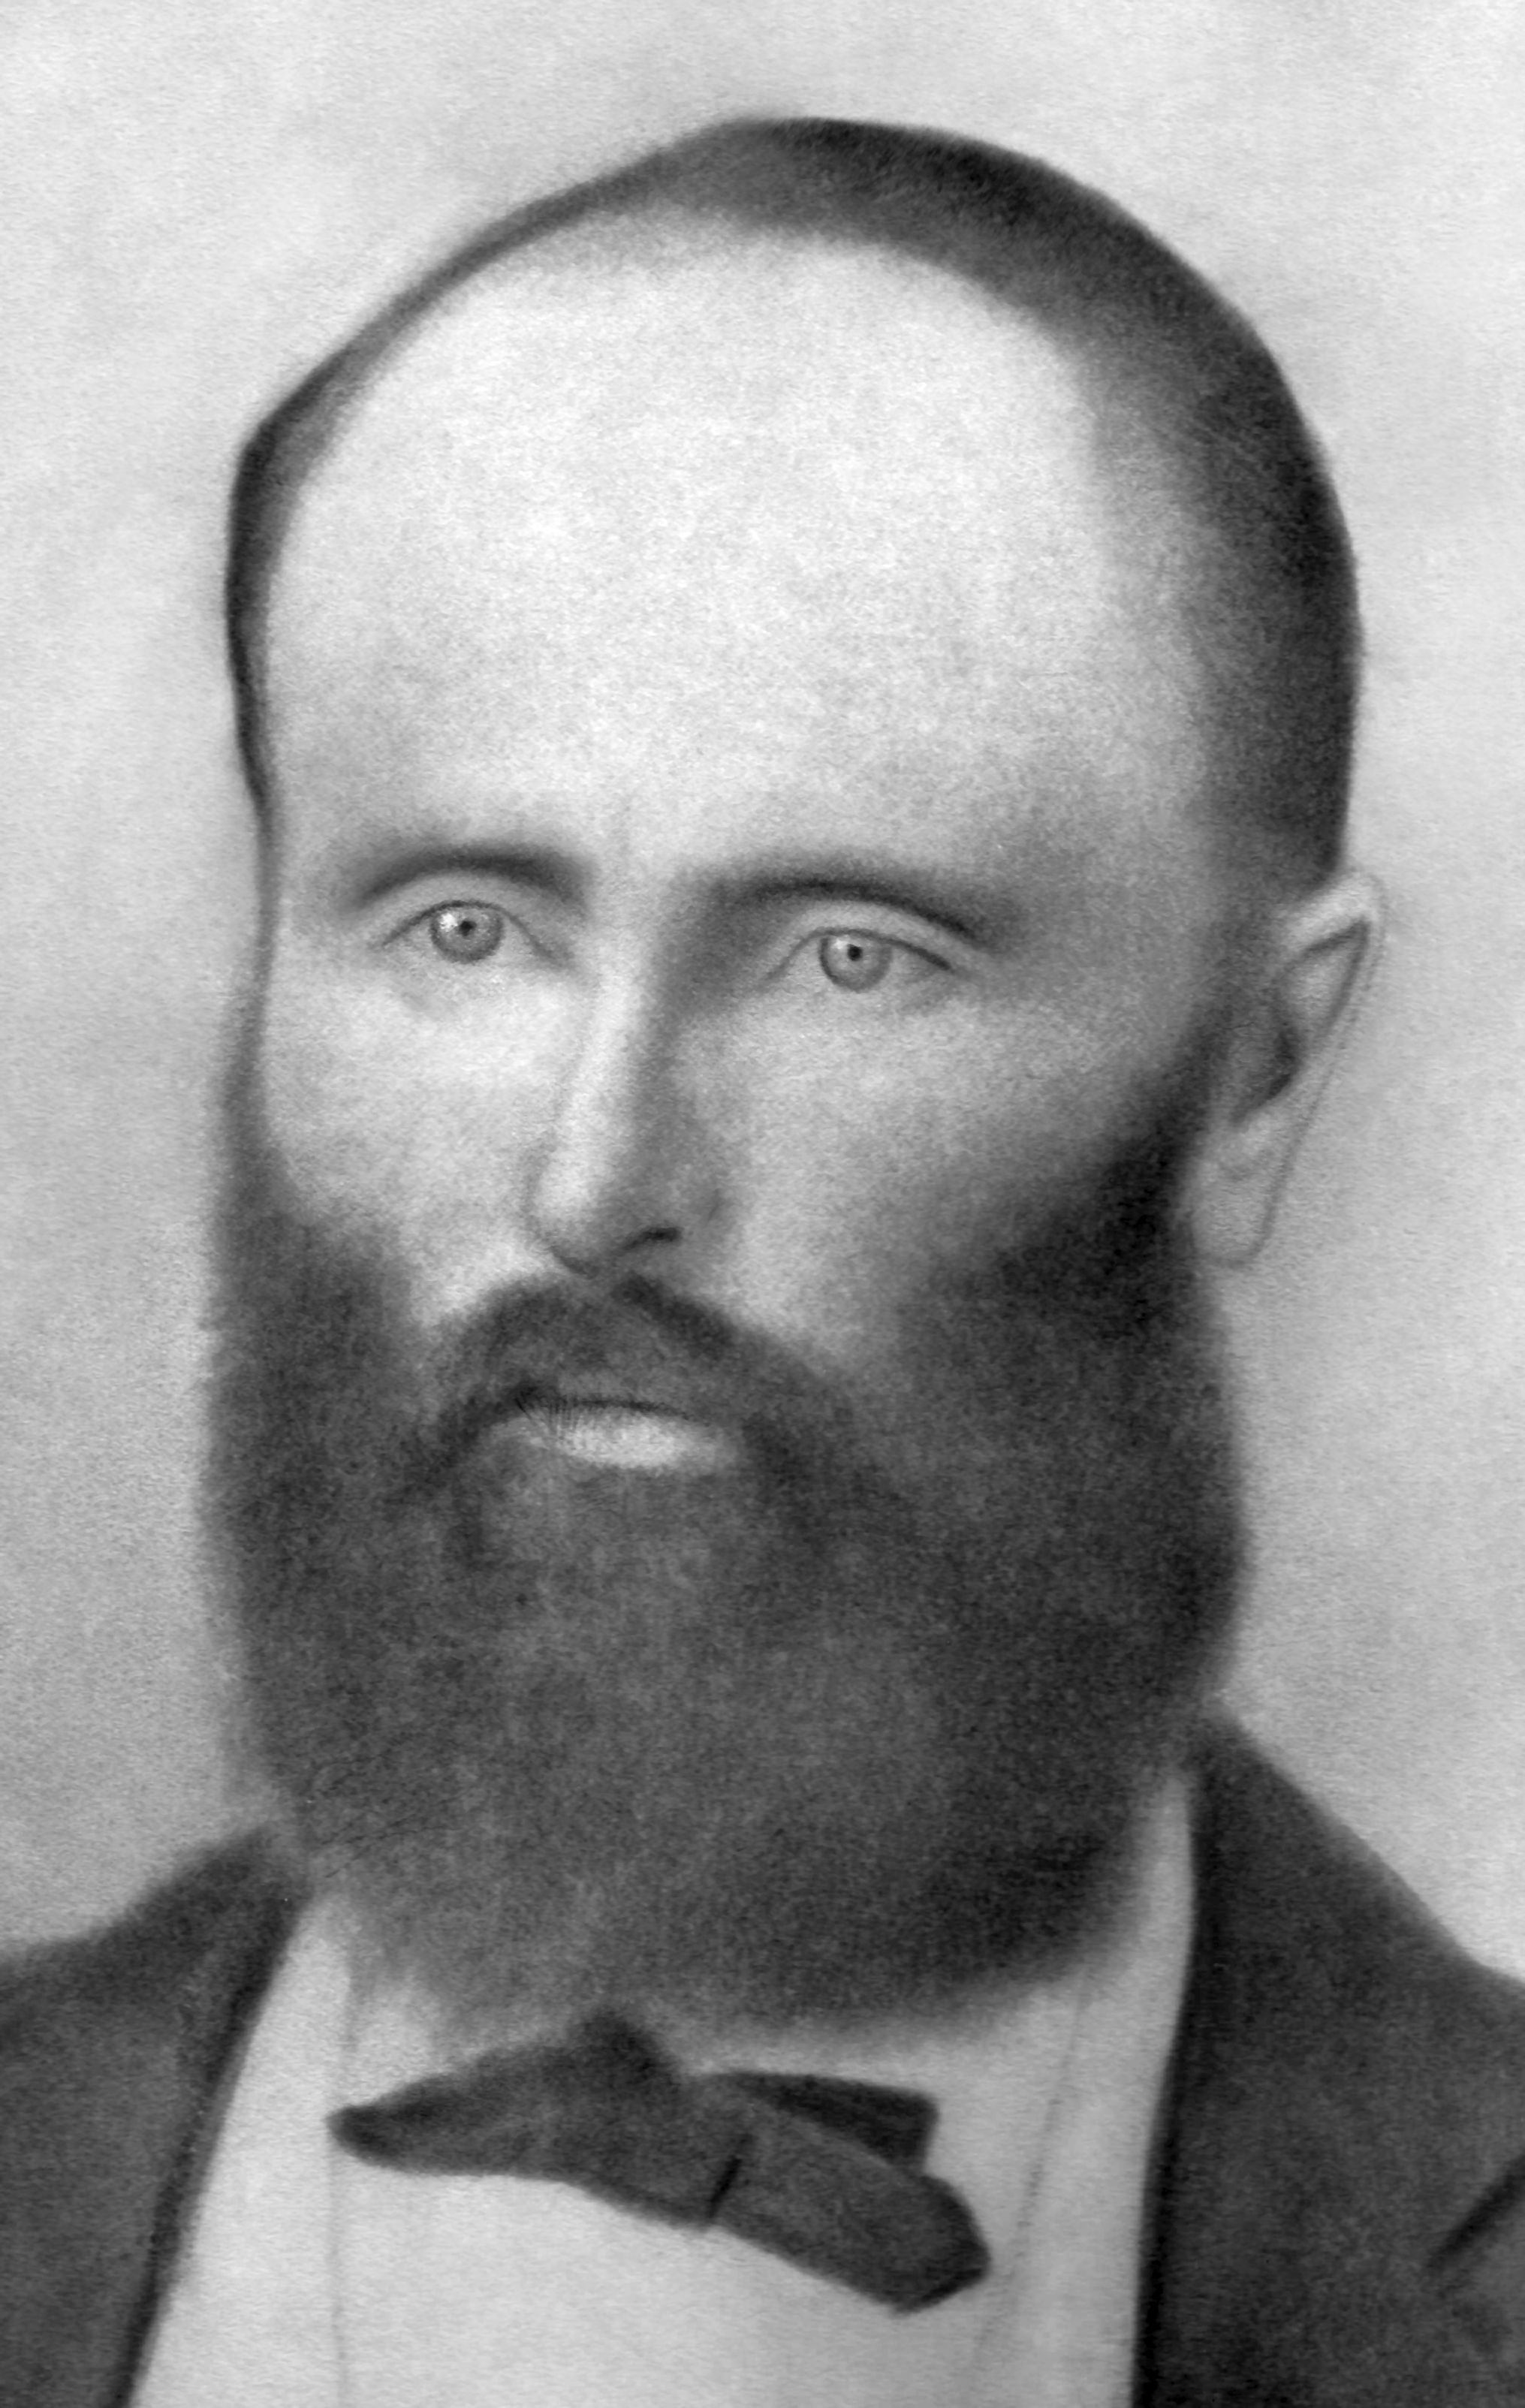 Lisonbee, James Thompson